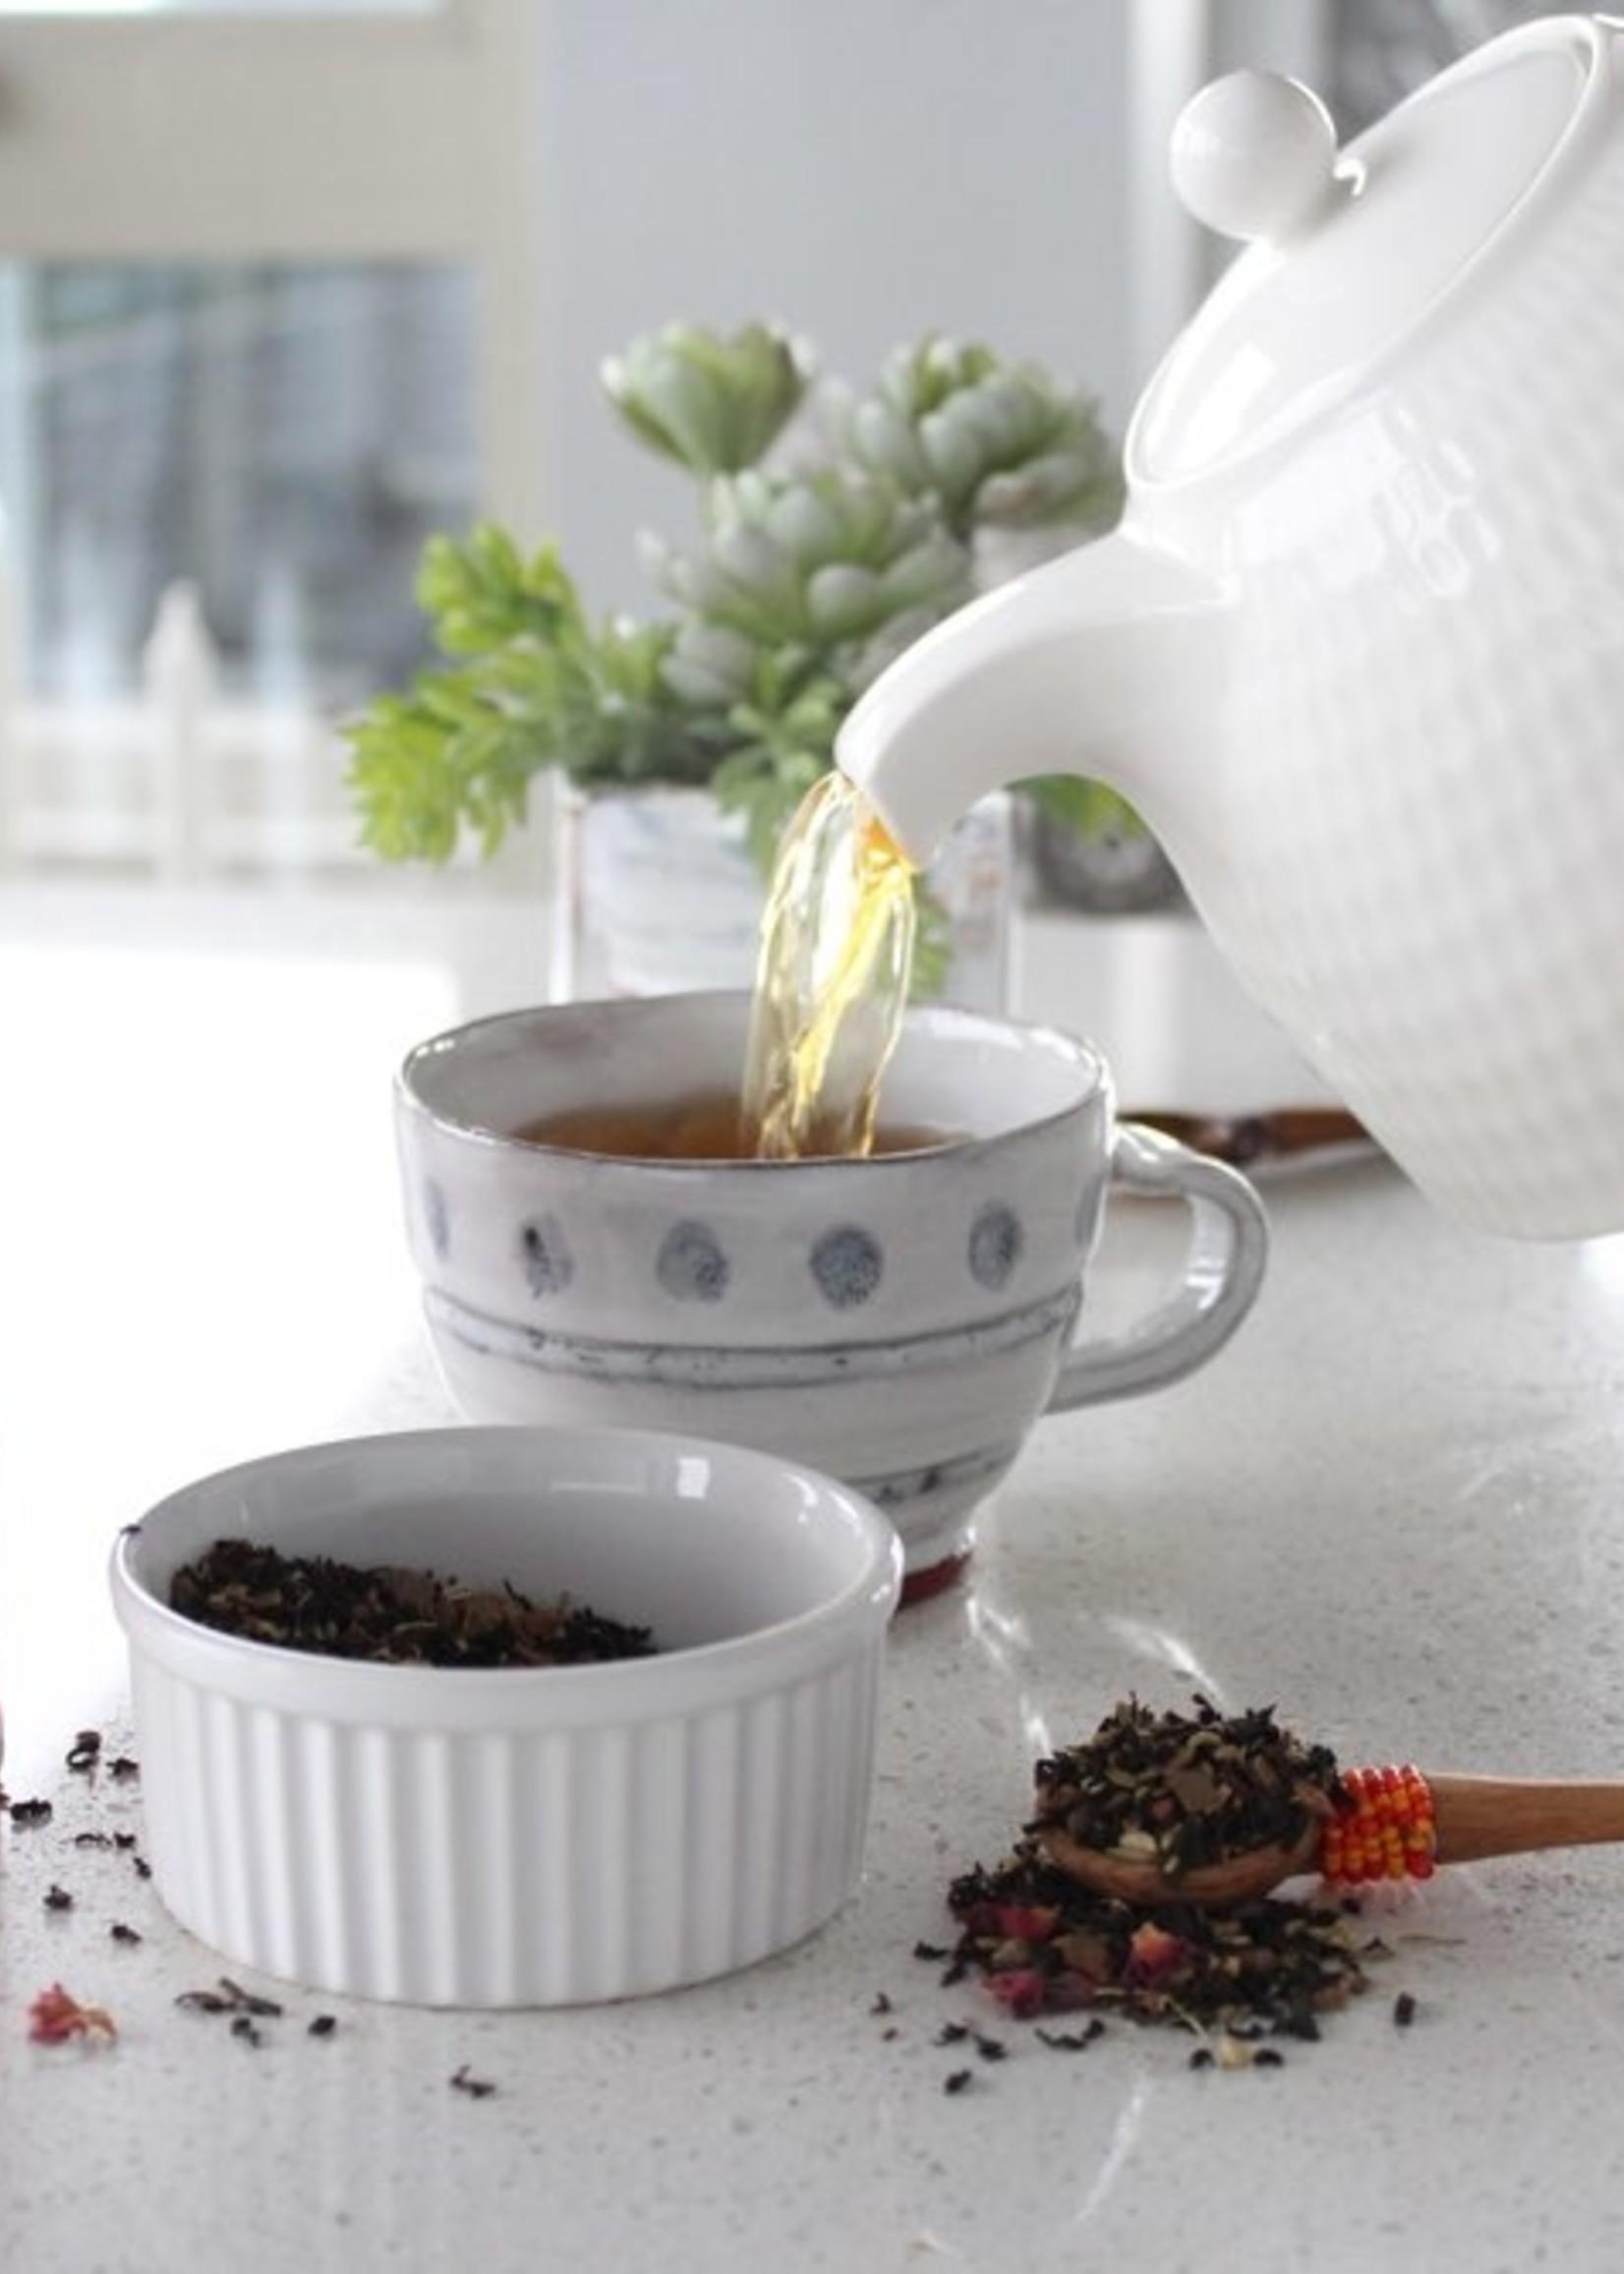 JusTea Loose Leaf Tea - African Chai